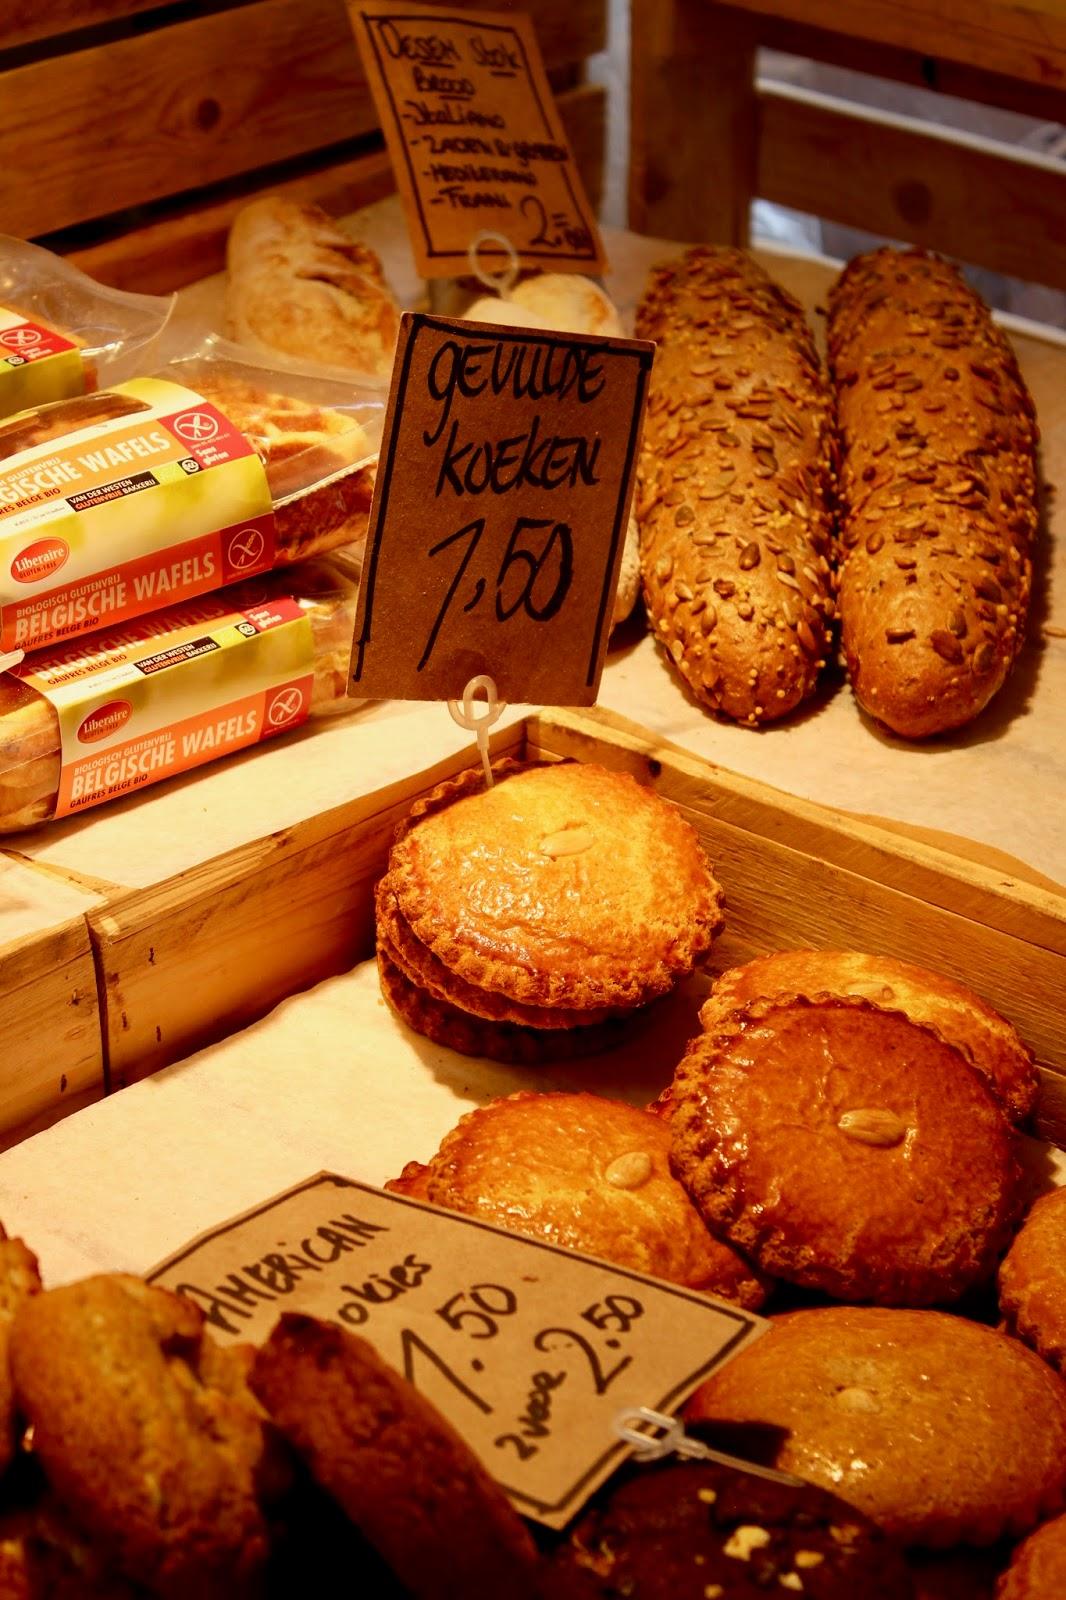 Gevulde Koeken Albert Cuyp Market Amsterdam